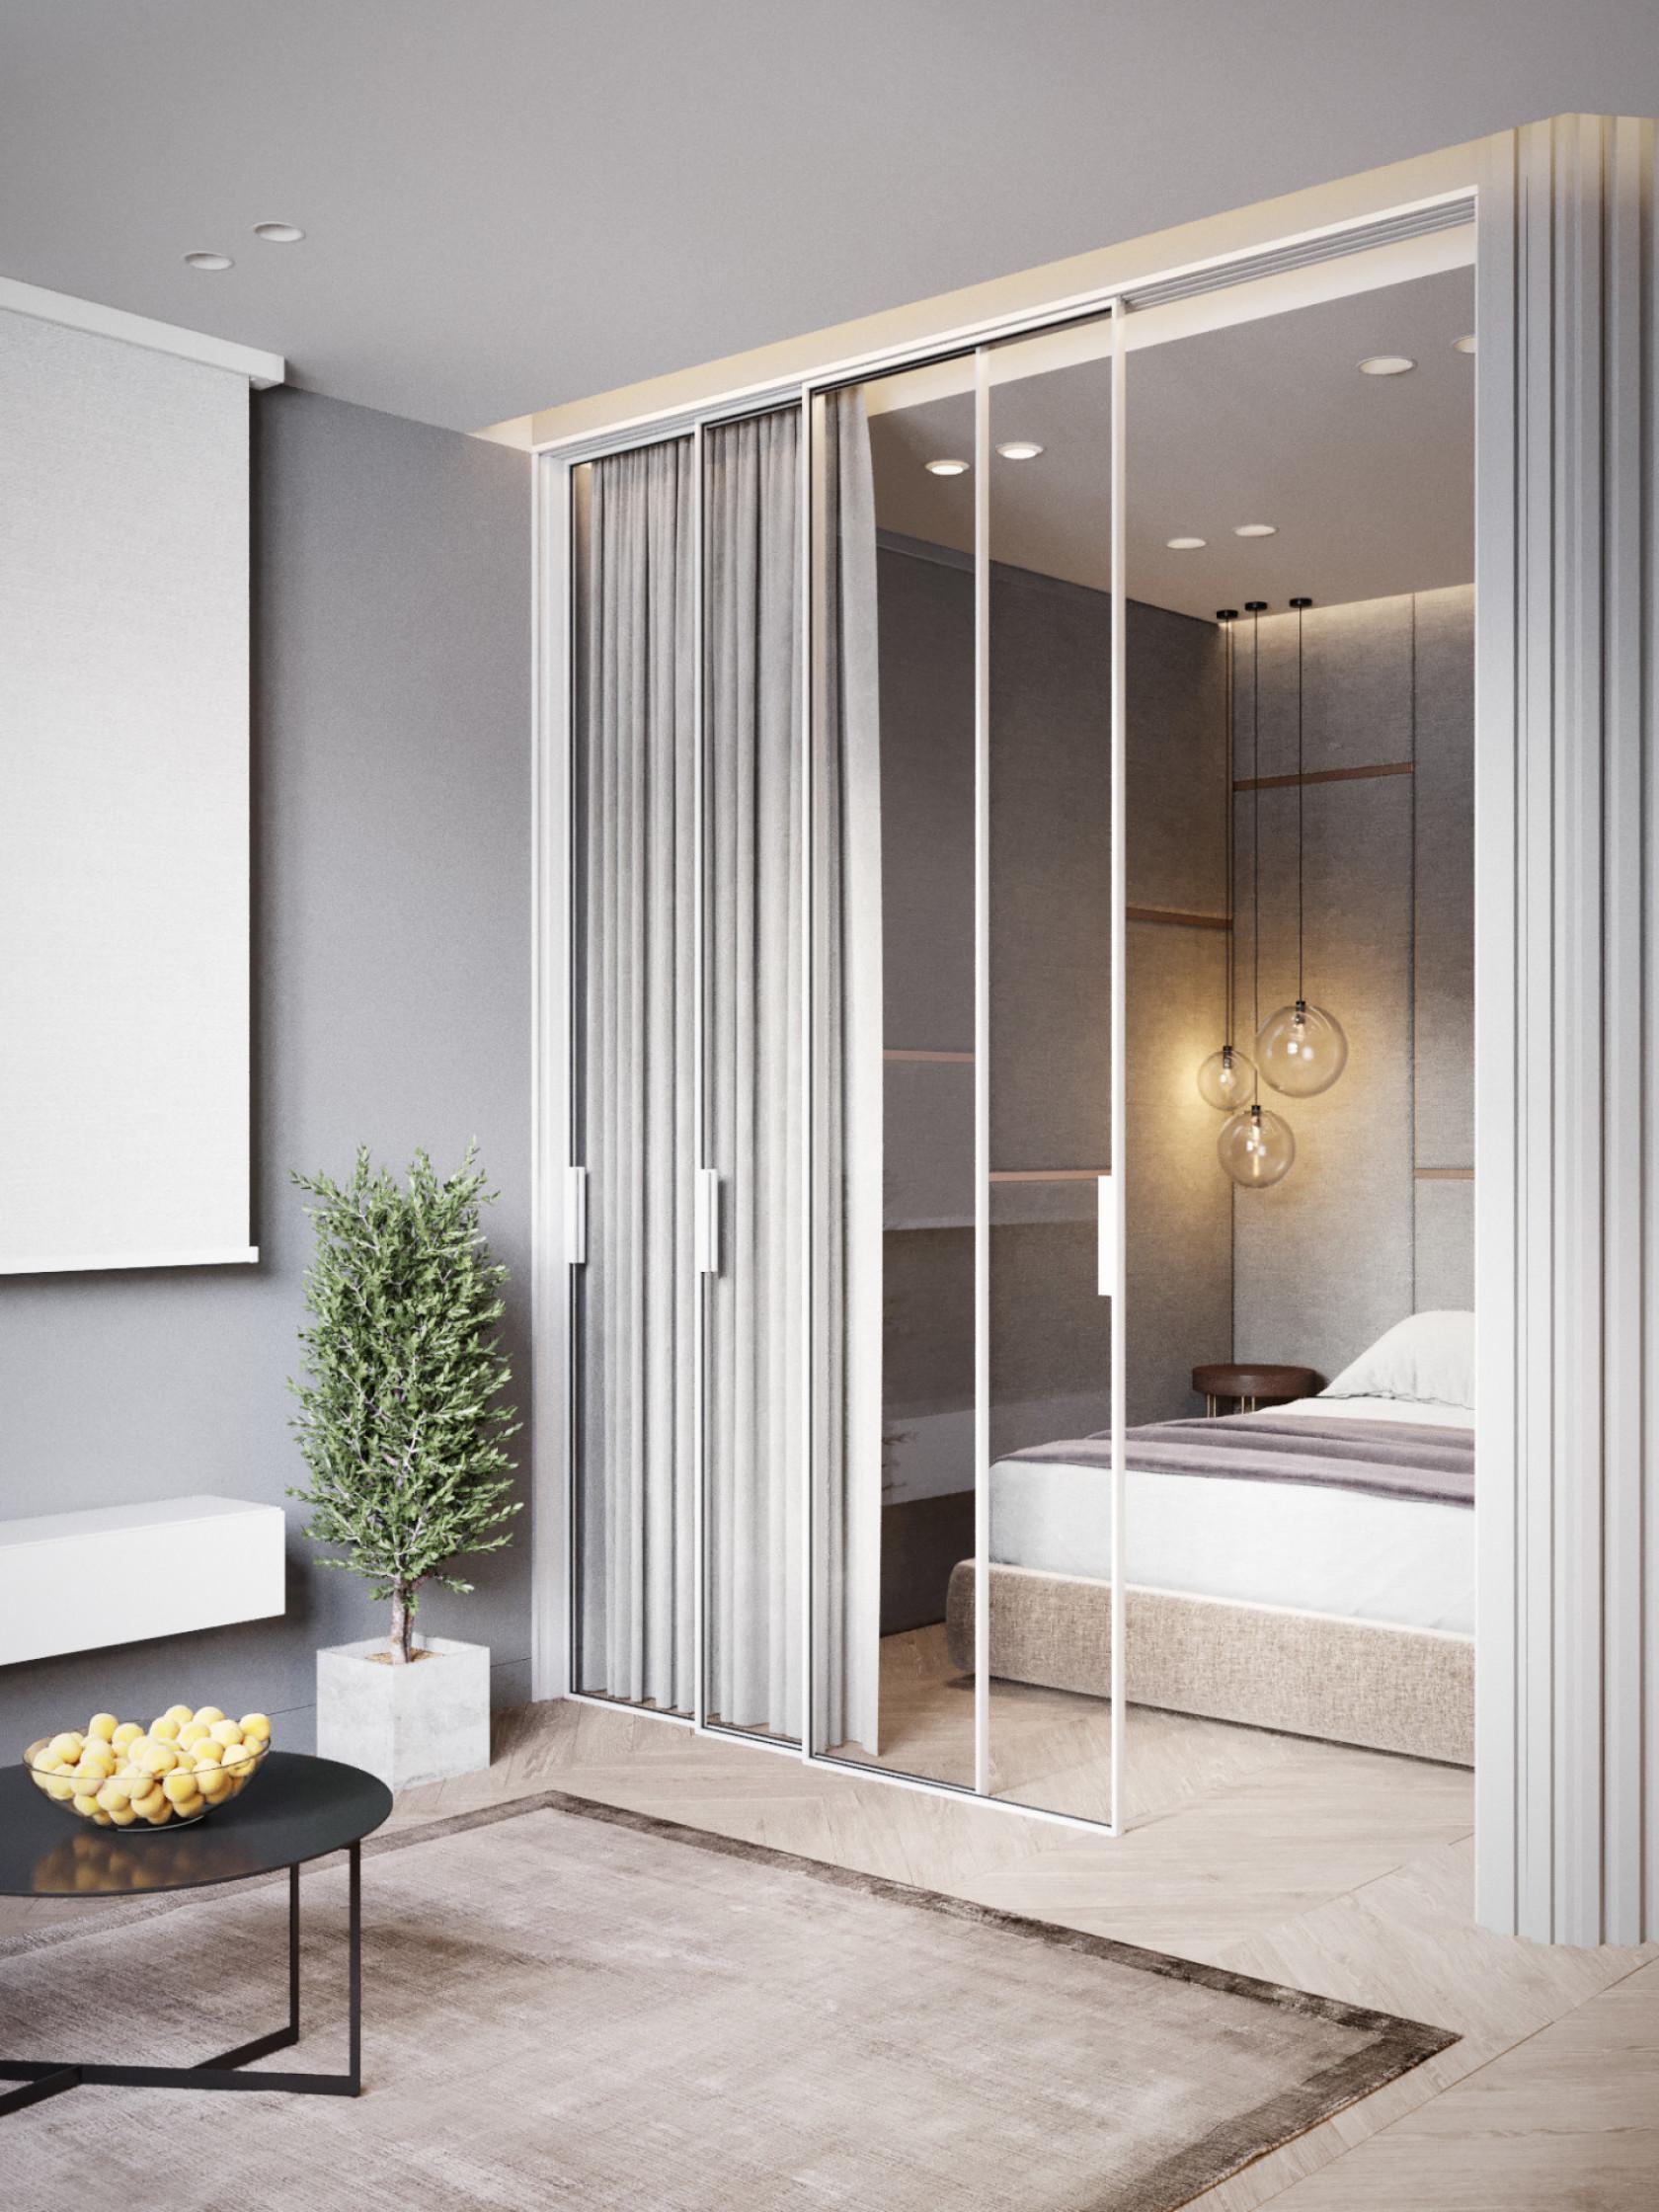 10 mẫu phòng ngủ lý tưởng với vách ngăn bằng kính với không gian còn lại trong nhà - Ảnh 1.